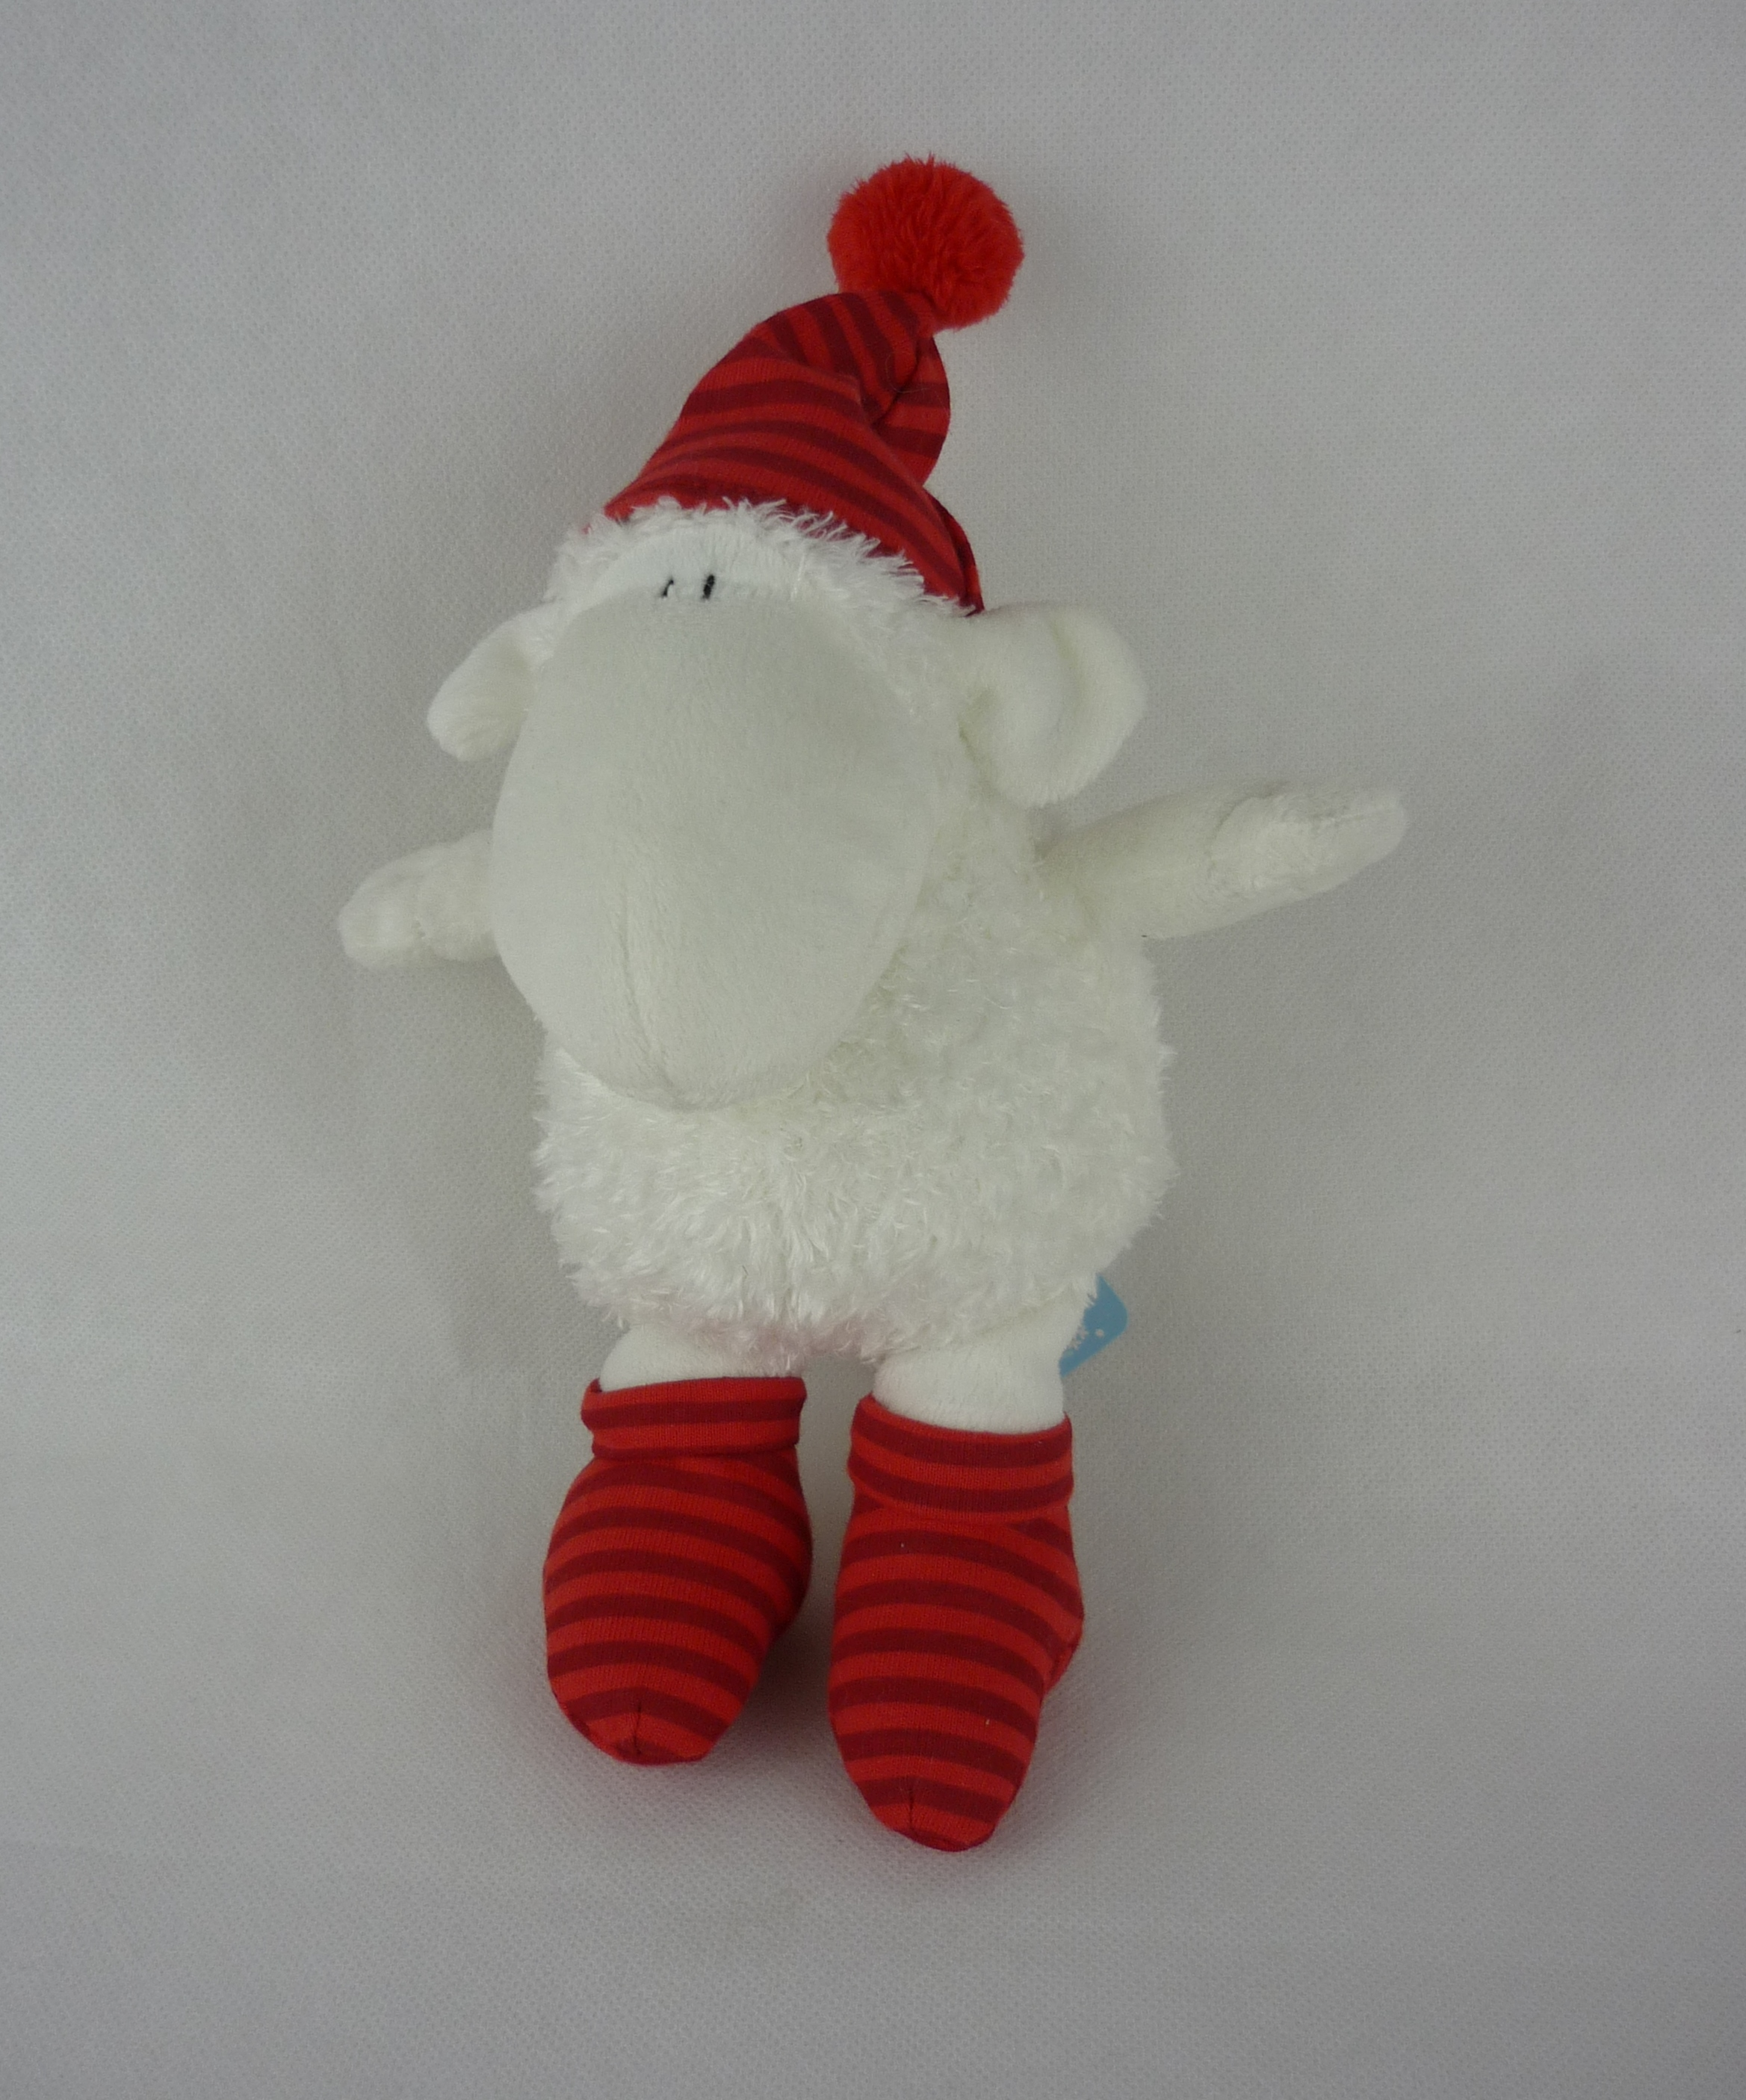 Ca 49414 Love con Peluche Sheepworld Winter Sheep I peluche cappello mN8nw0